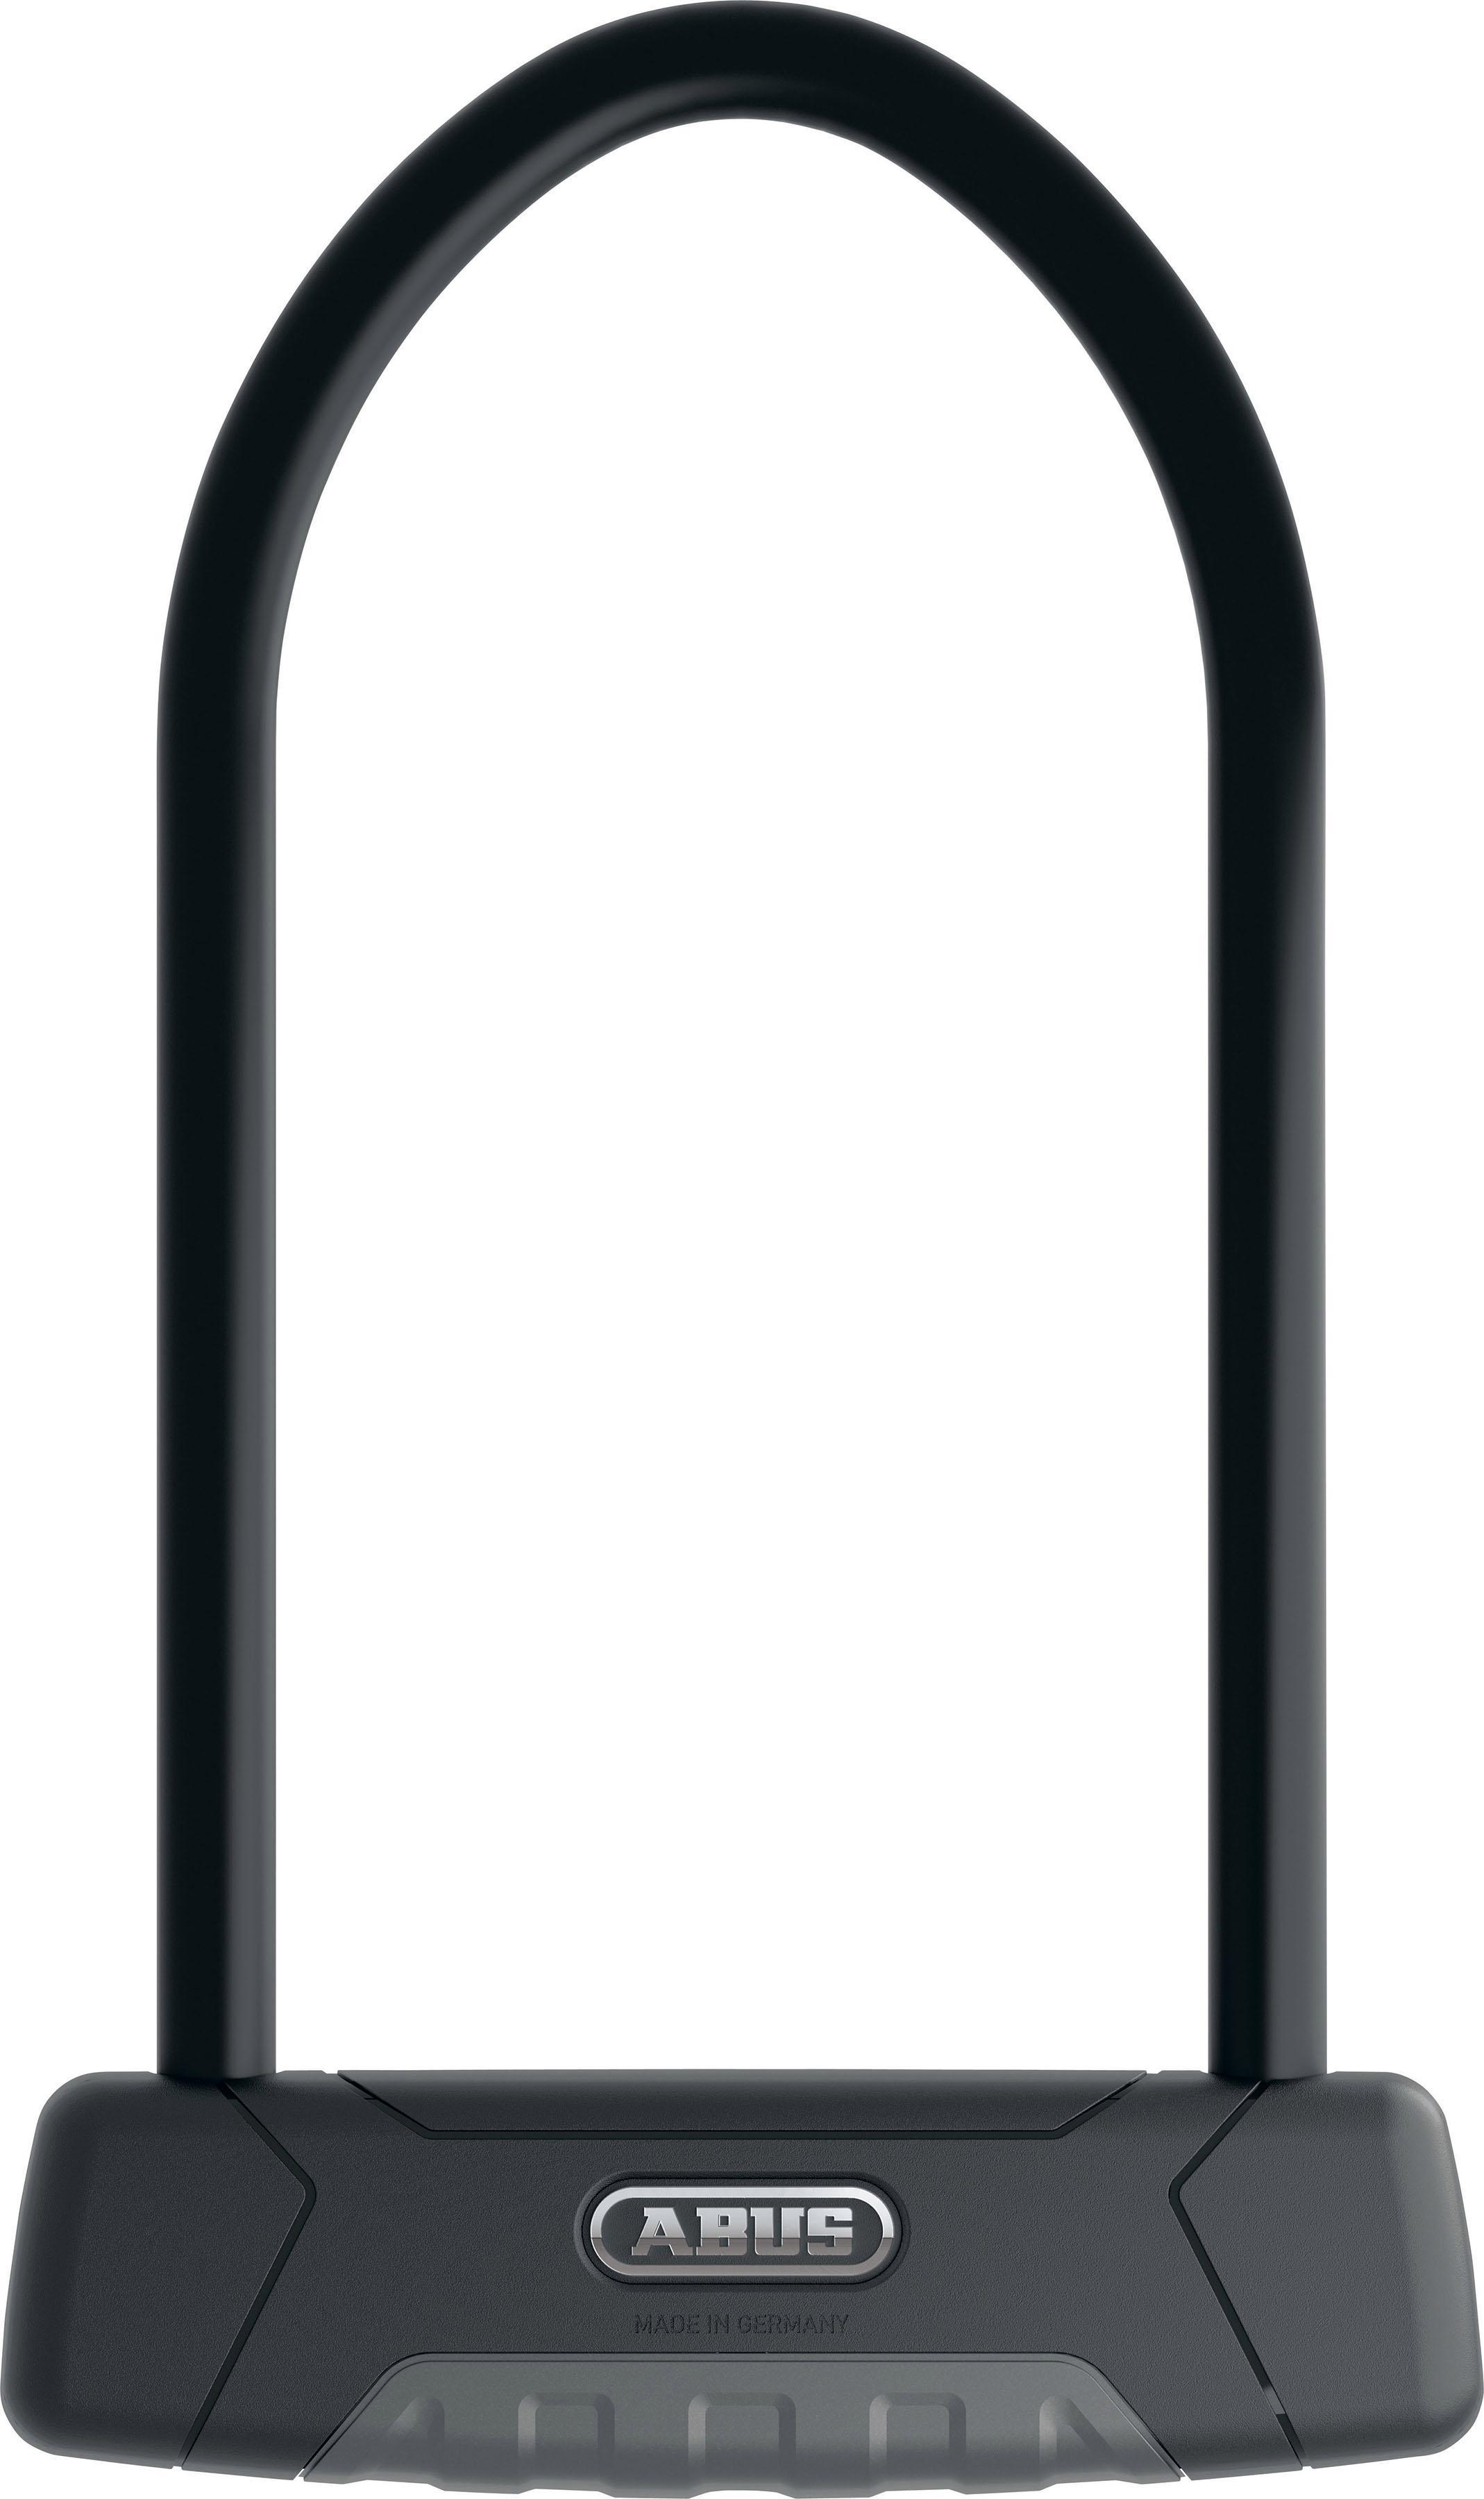 ABUS Bügelschloss 470/150HB230+EaZy KF Technik & Freizeit/Sport & Freizeit/Fahrräder & Zubehör/Fahrradzubehör/Fahrradschlösser